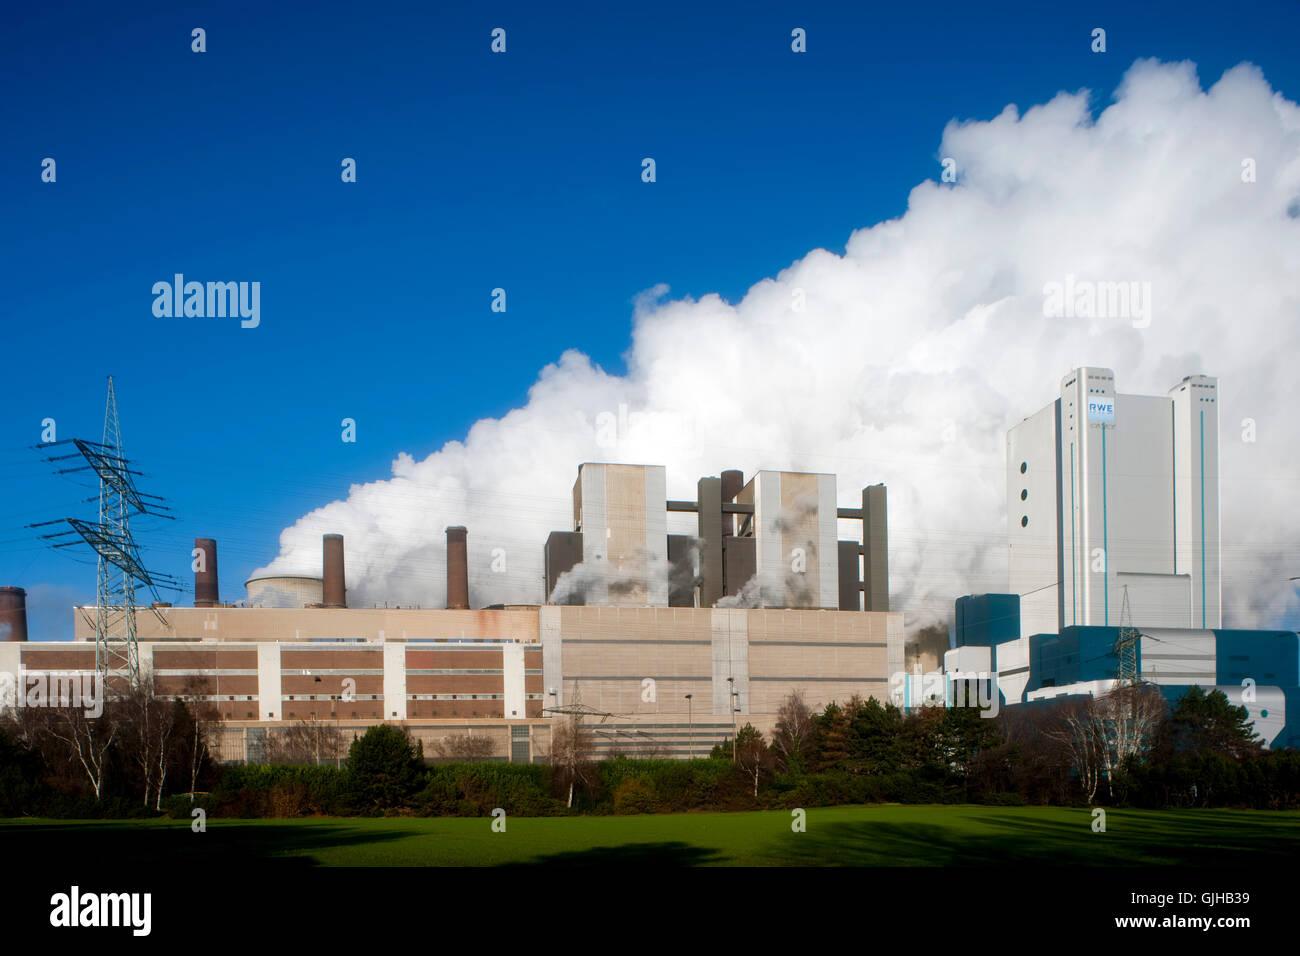 Deutschland, NRW, Rhein-Erft-Kreis, Bergheim, Niederauflem, RWE Kraftwerk. Das Kraftwerk Niederauflem ist ein von - Stock Image